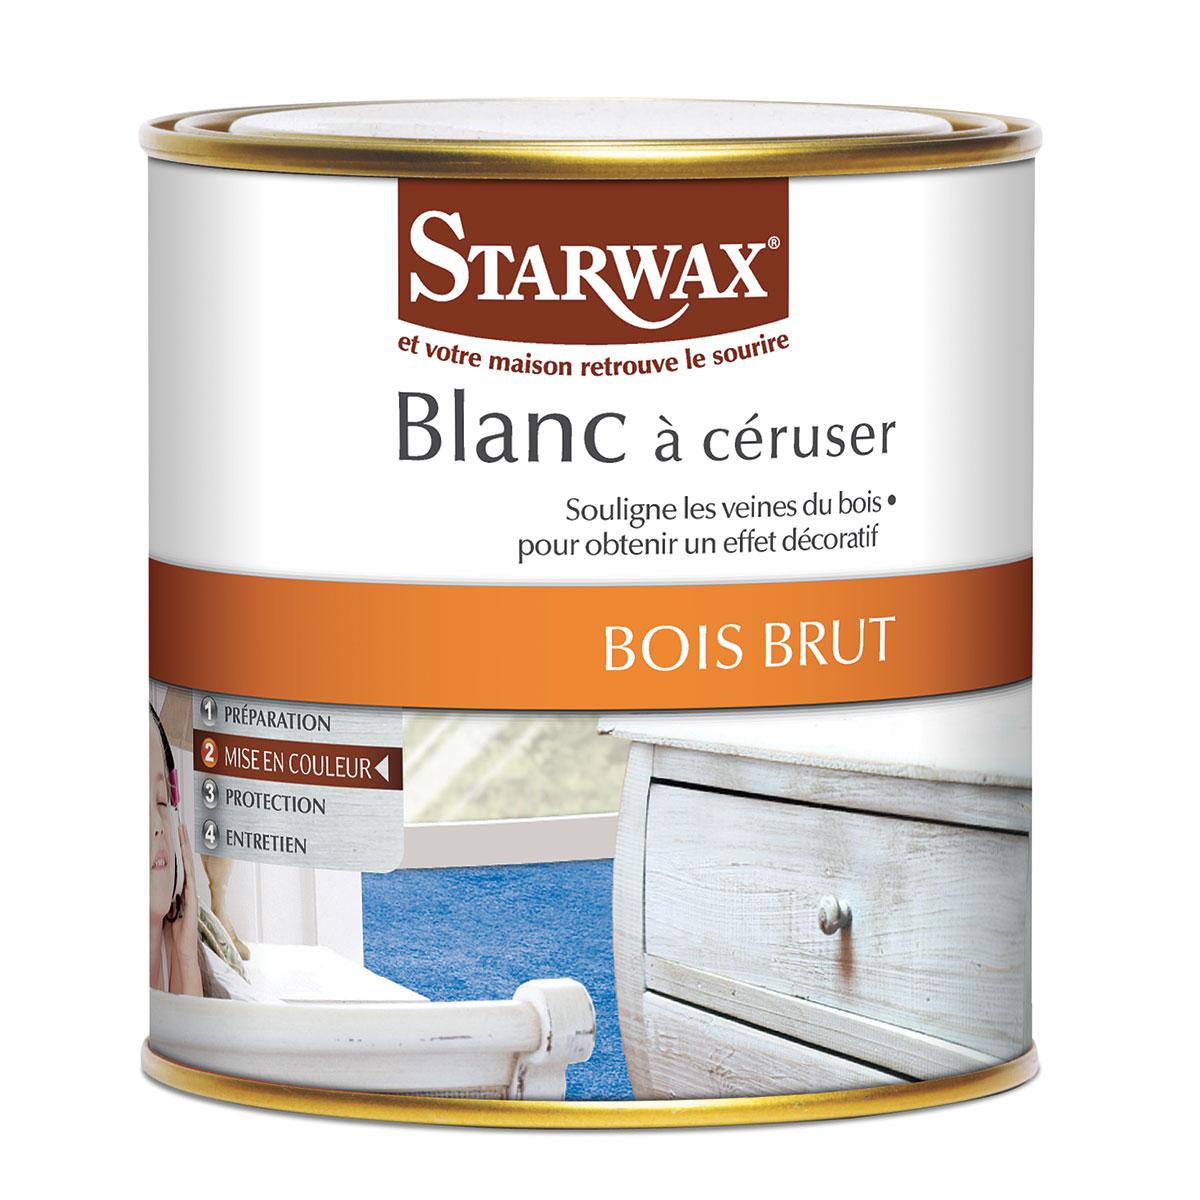 produits nettoyants pour le bois rénovateurs, cires  starwax